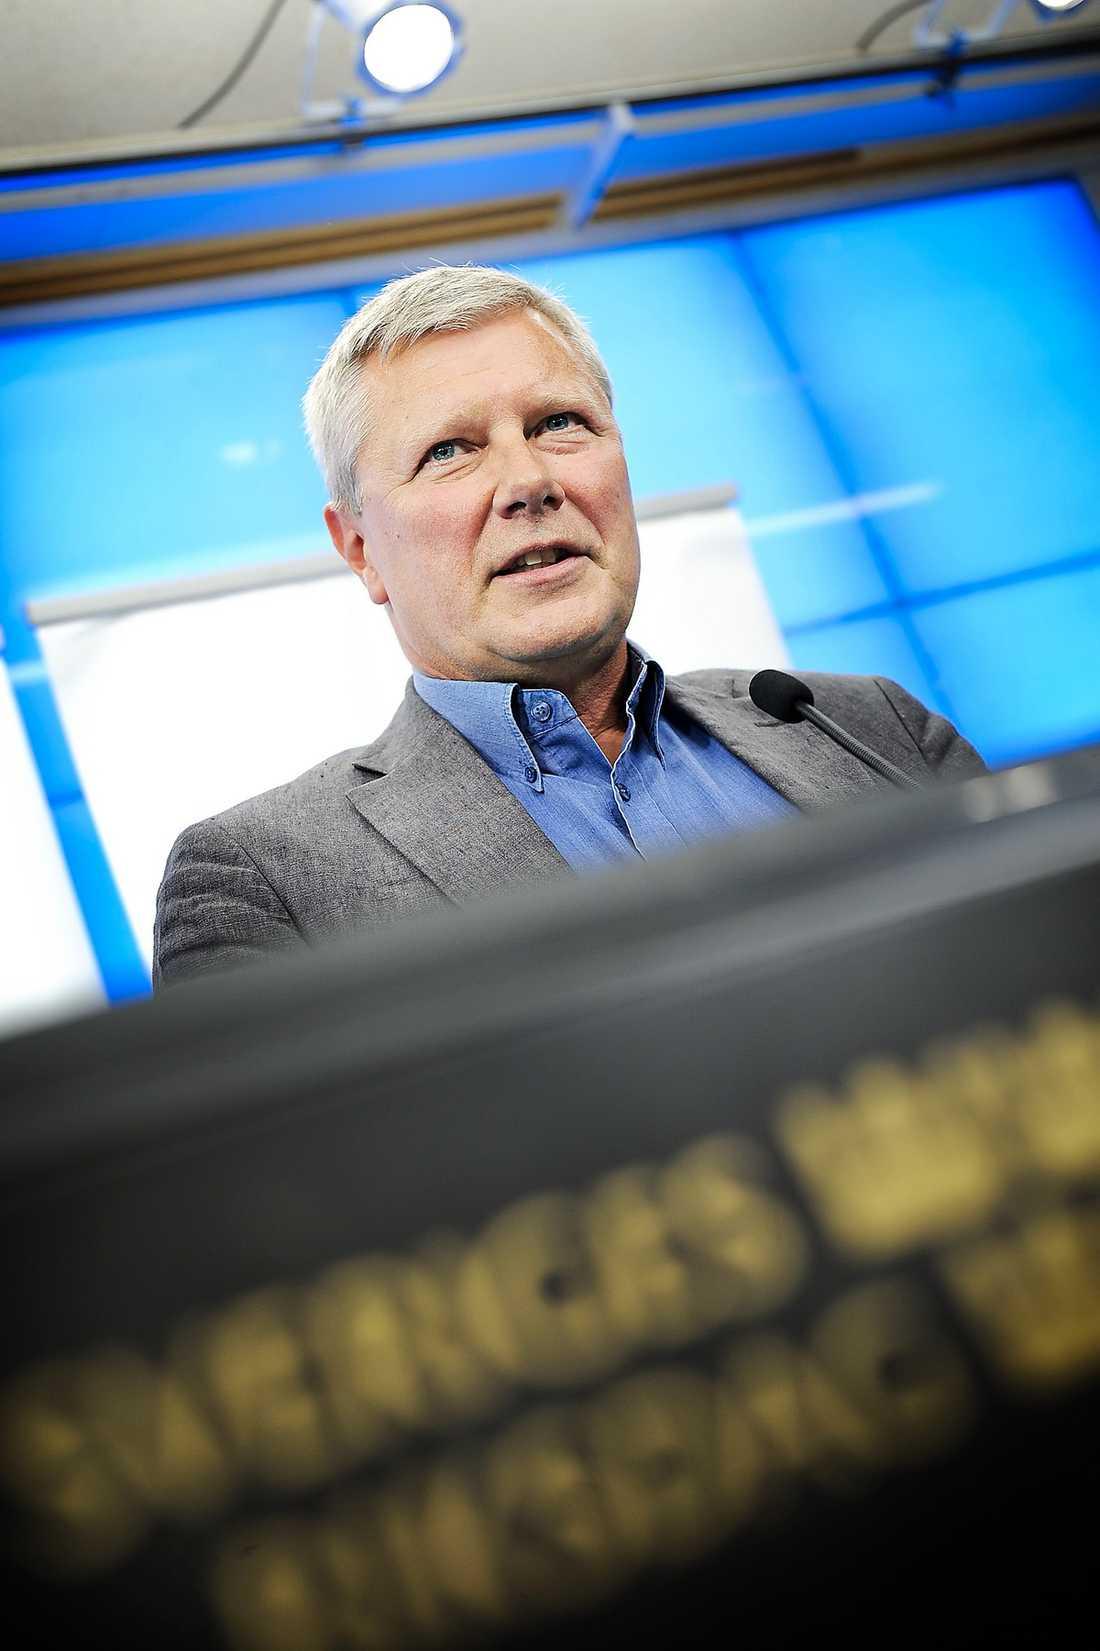 Lars Ohly meddelade i går att han inte ställer upp för omval som ledare för Vänsterpartiet.